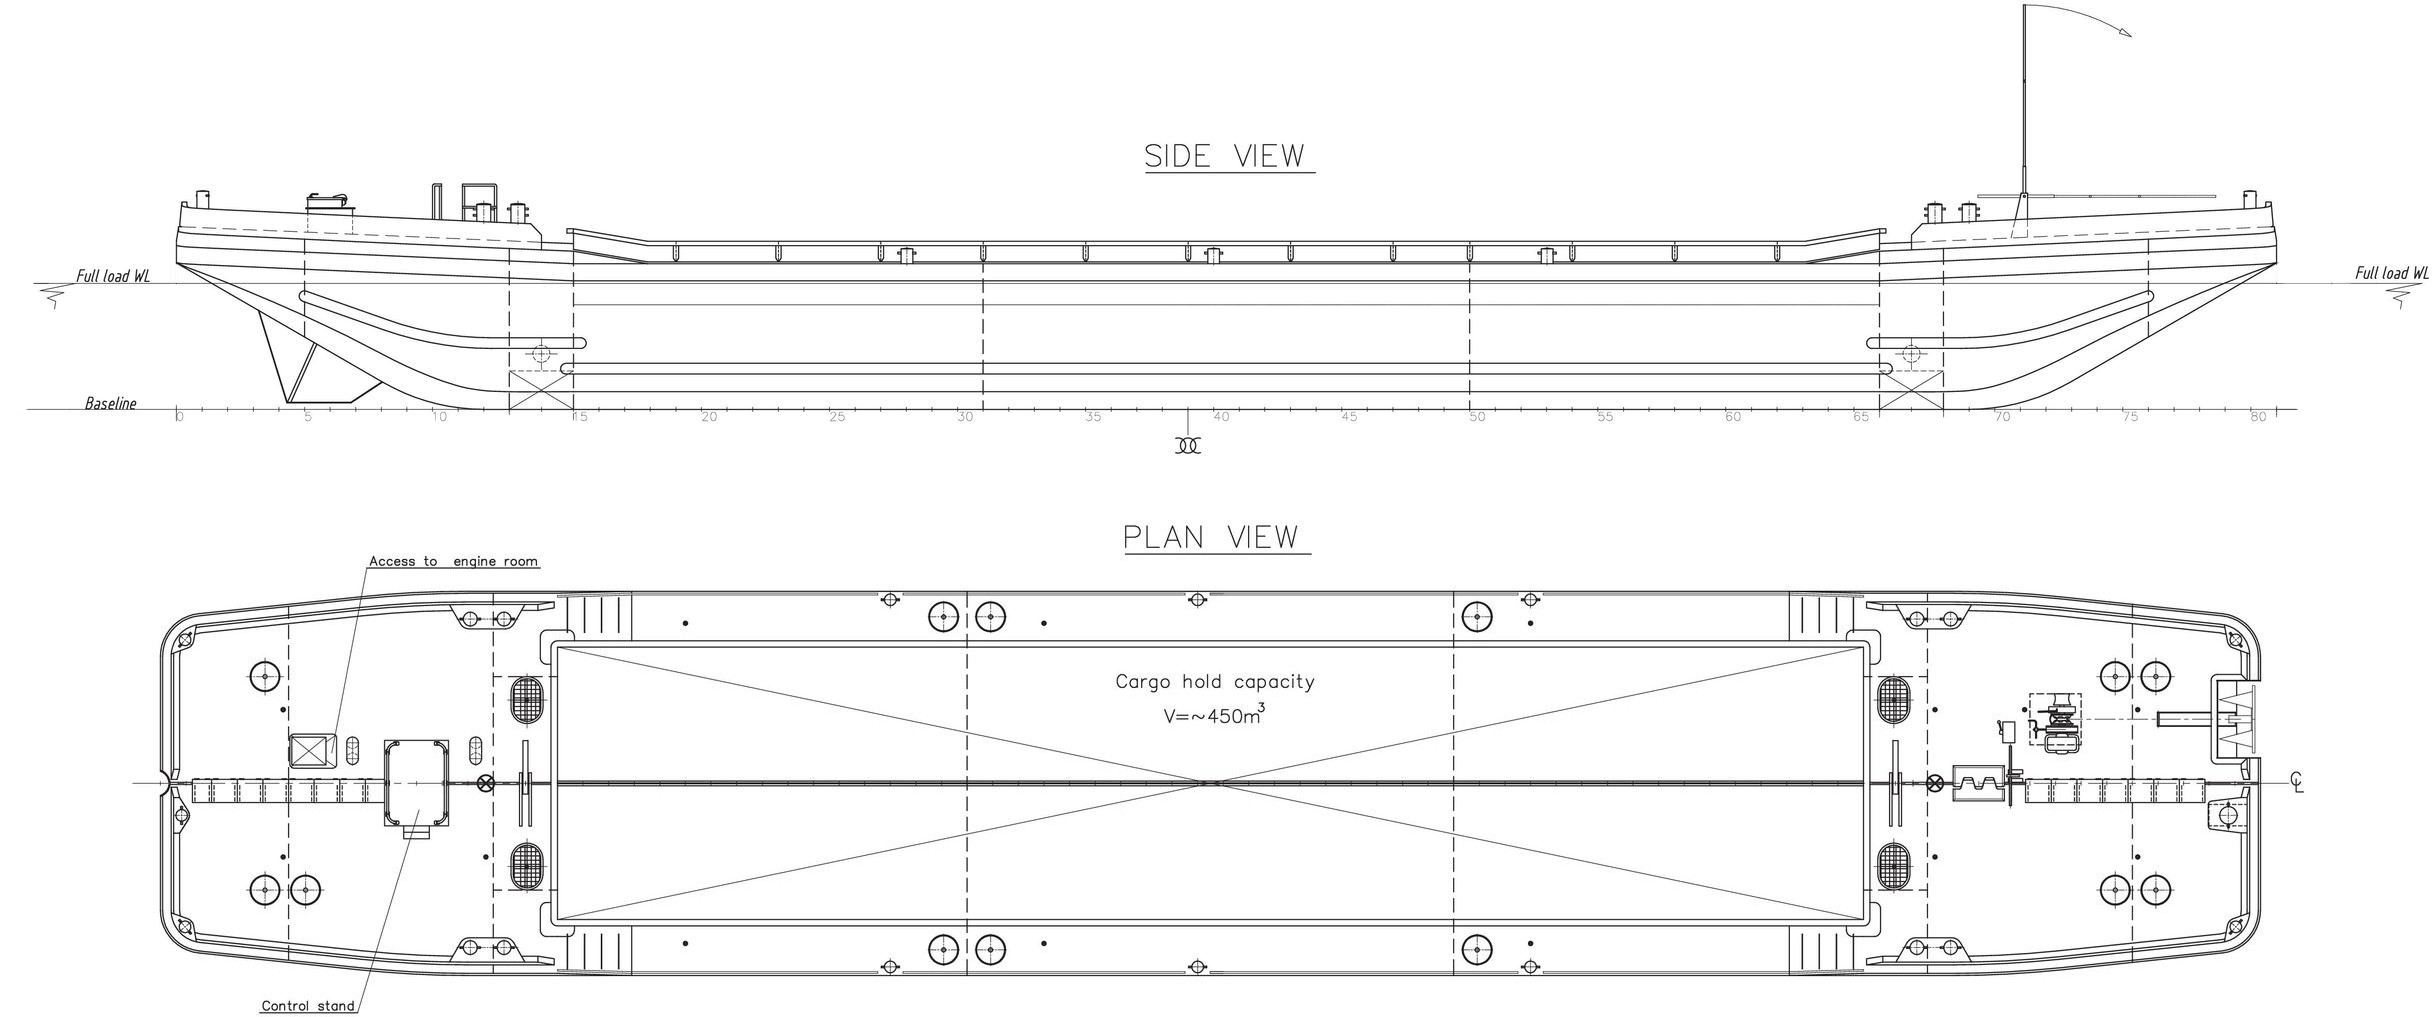 Splitbarge 450_GDV-1824-08 450m3 General arrangement